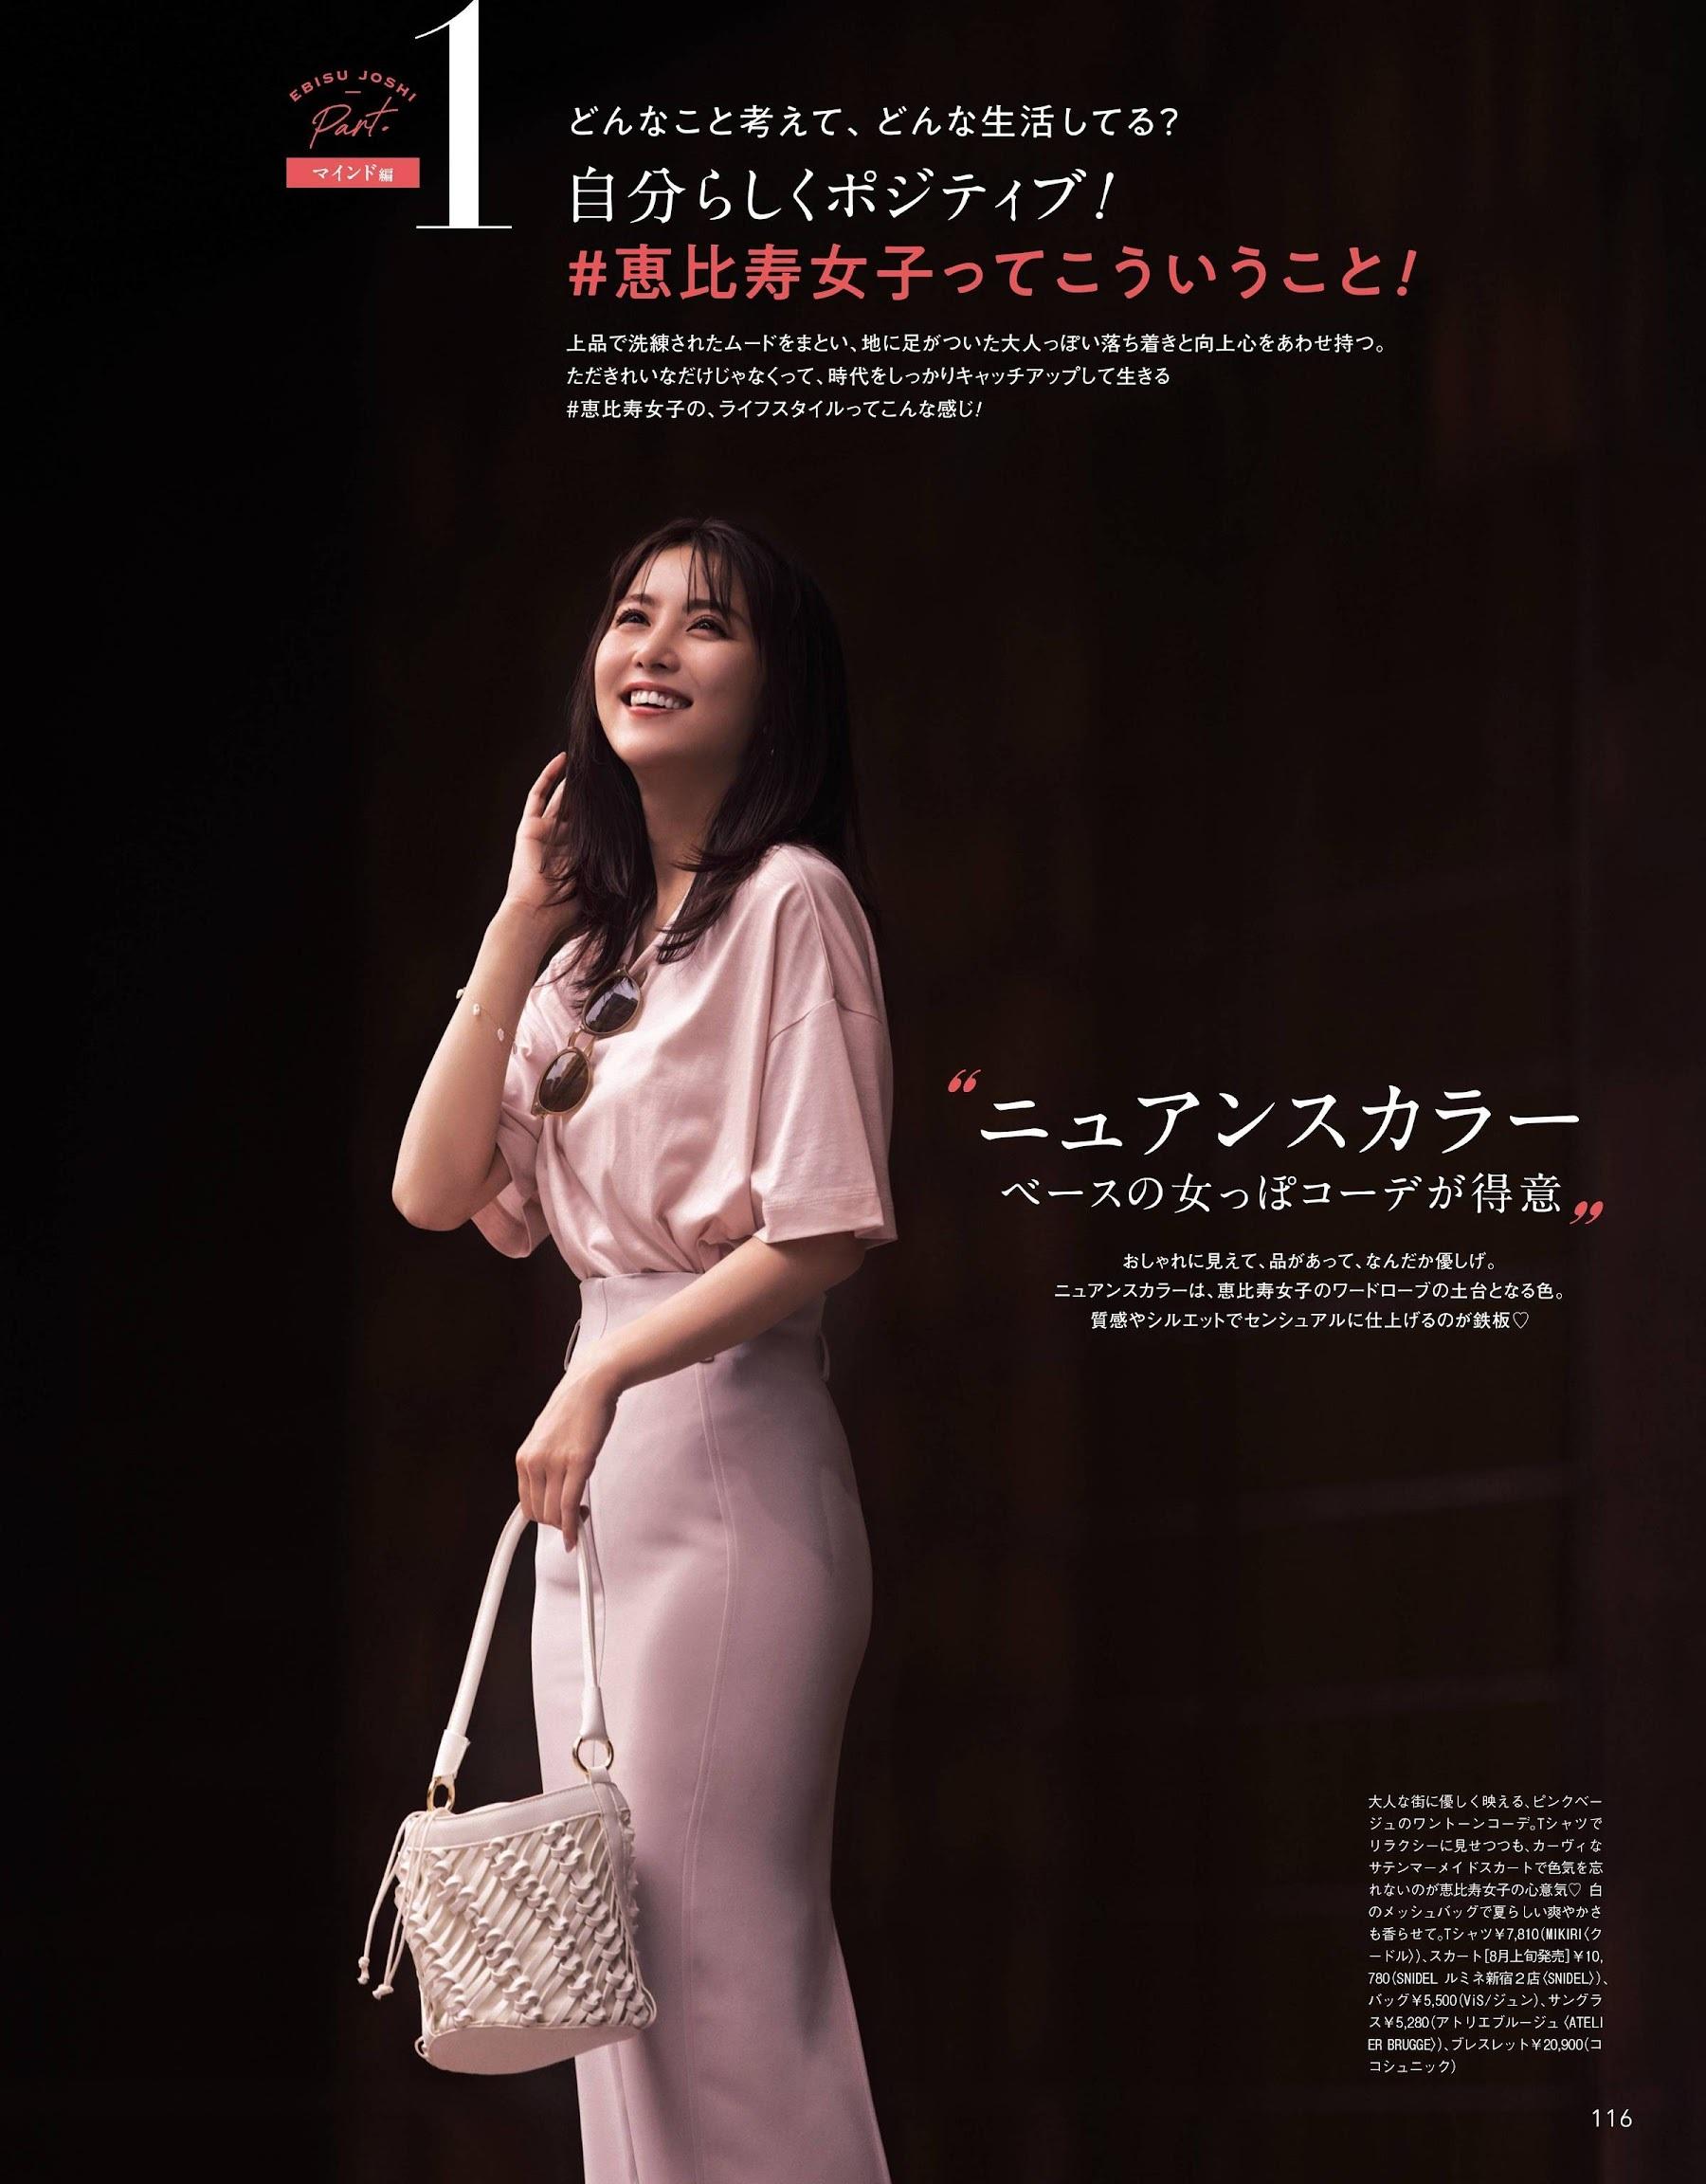 中条彩未 石川恋-CANCAM 2021.09 REN & AYAMI STARRING RETRO SUMMER DREAMS  高清套图 第12张